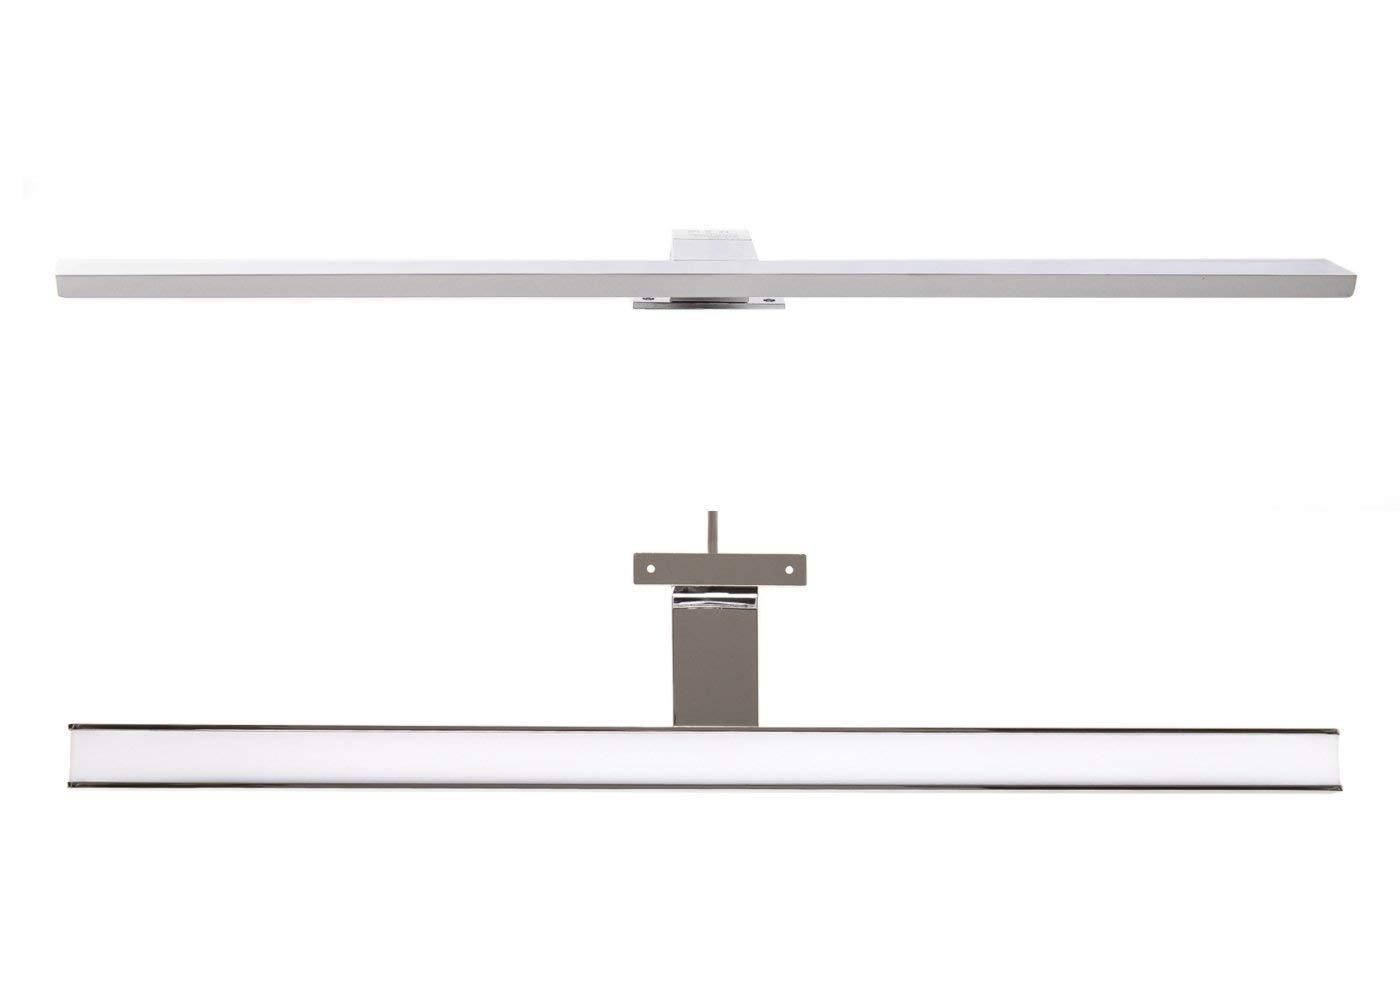 Komerci LED Spiegelleuchte Spiegellampe Aufbauleuchte verchromt 400mm tageslichtweiß 230V 6W, neutralweiß [Energieklasse A+] neutralweiß ML002-400A-NW